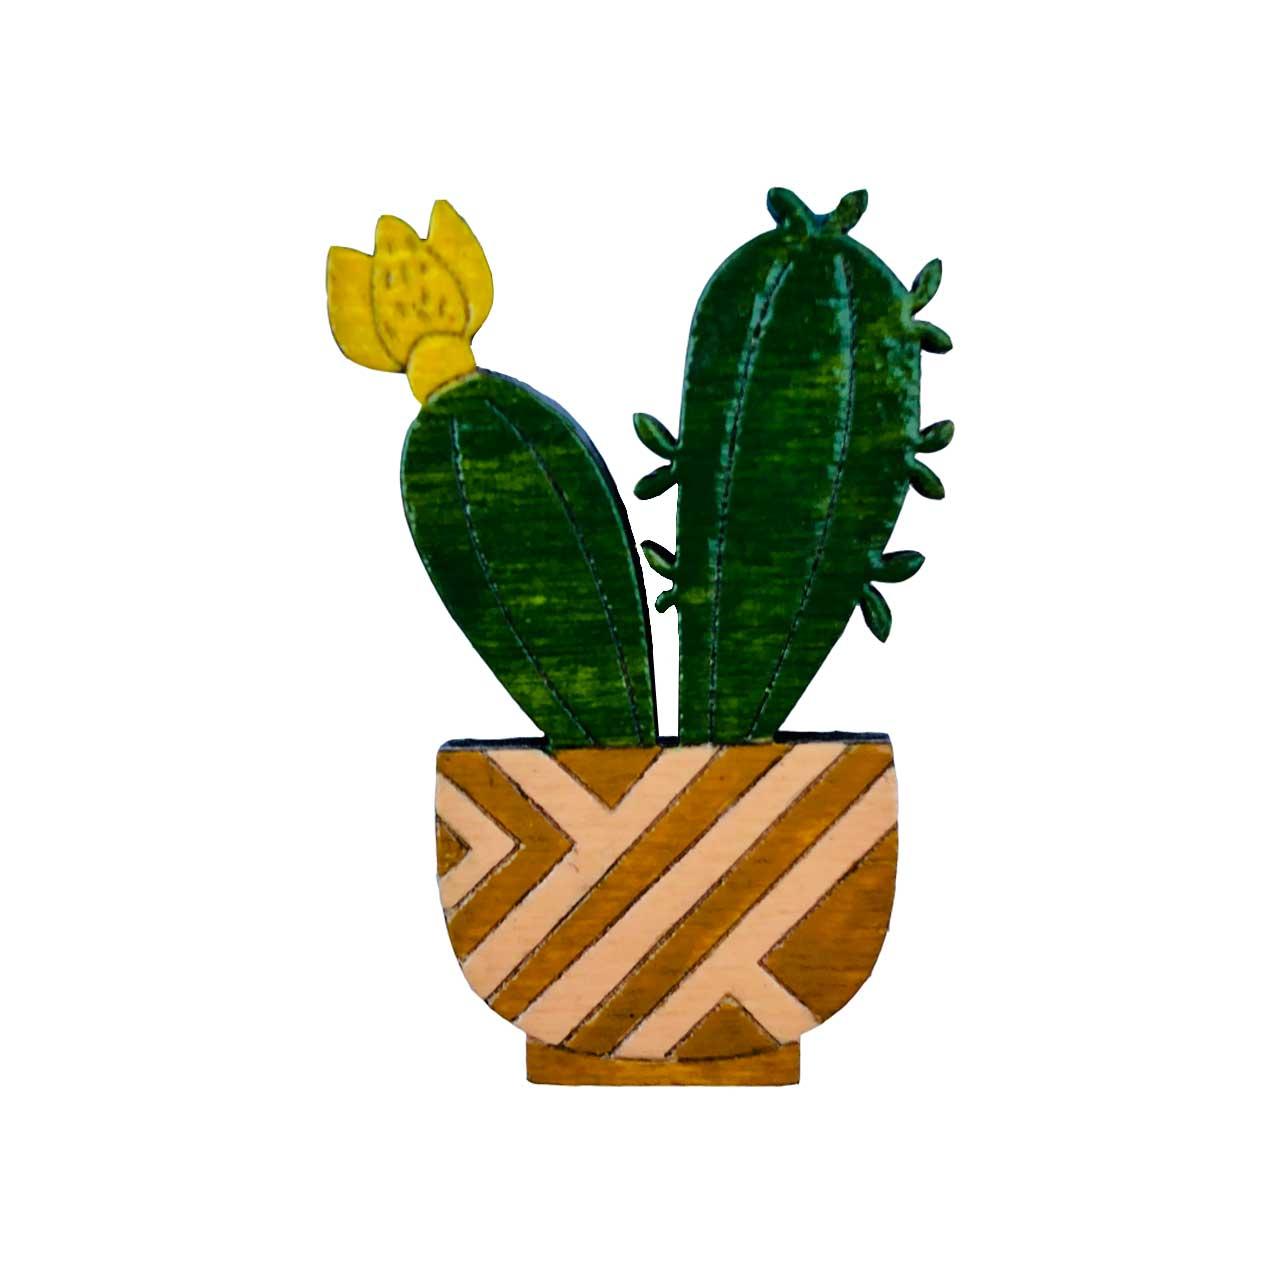 پیکسل چوبی مدل کاکتوس